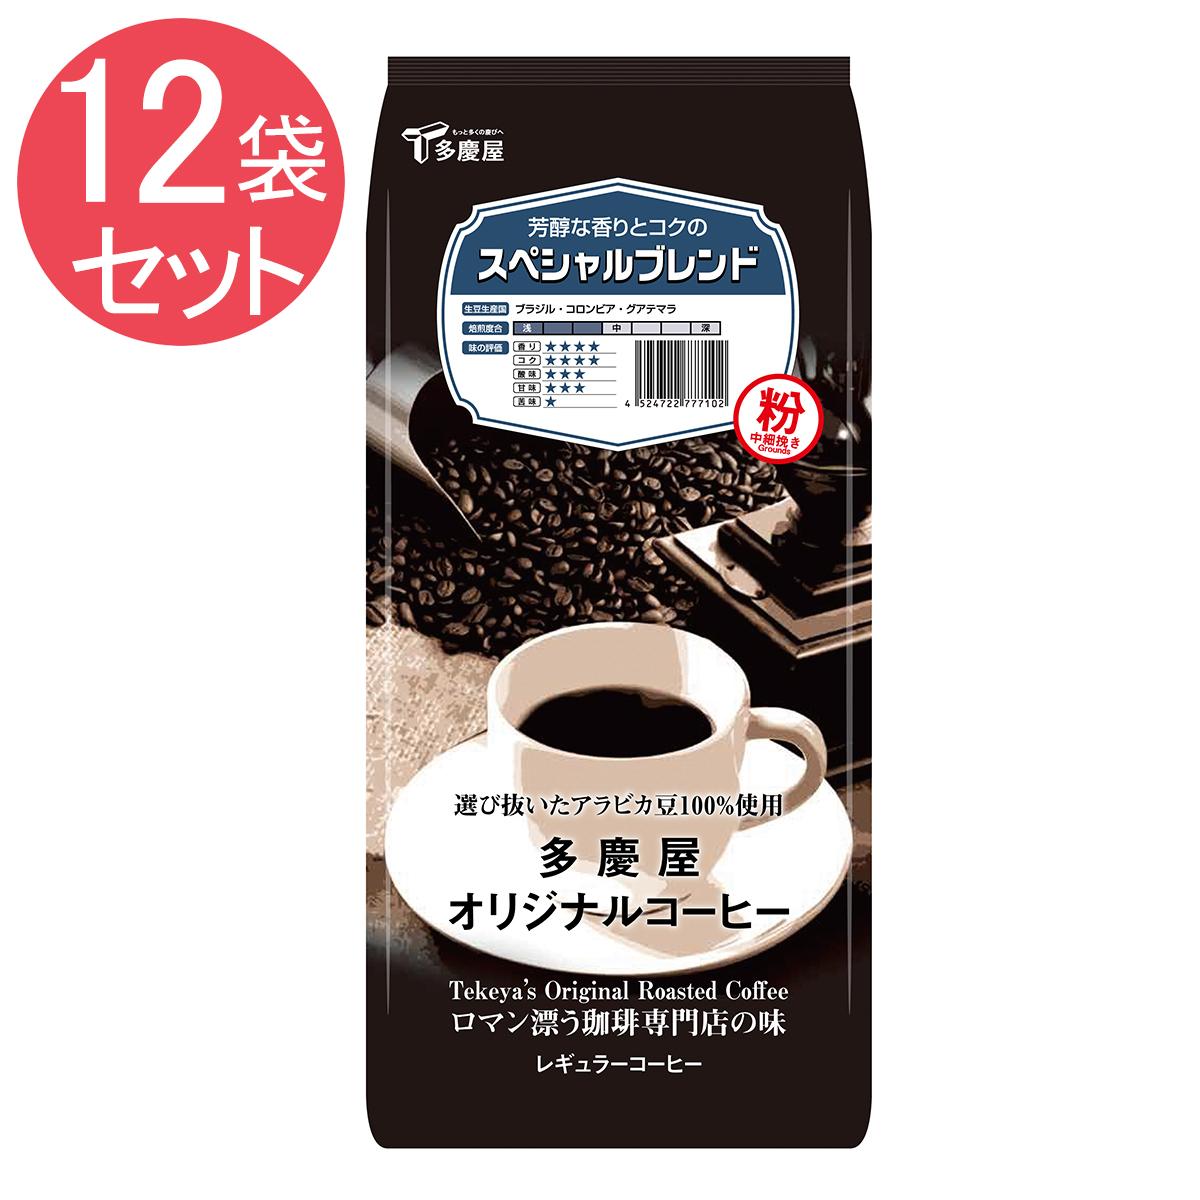 スペシャルブレンド 粉 400g×12袋セット 多慶屋オリジナルコーヒー 【ロマン漂う珈琲専門店の味】 コーヒー粉 レギュラーコーヒー 珈琲 coffee